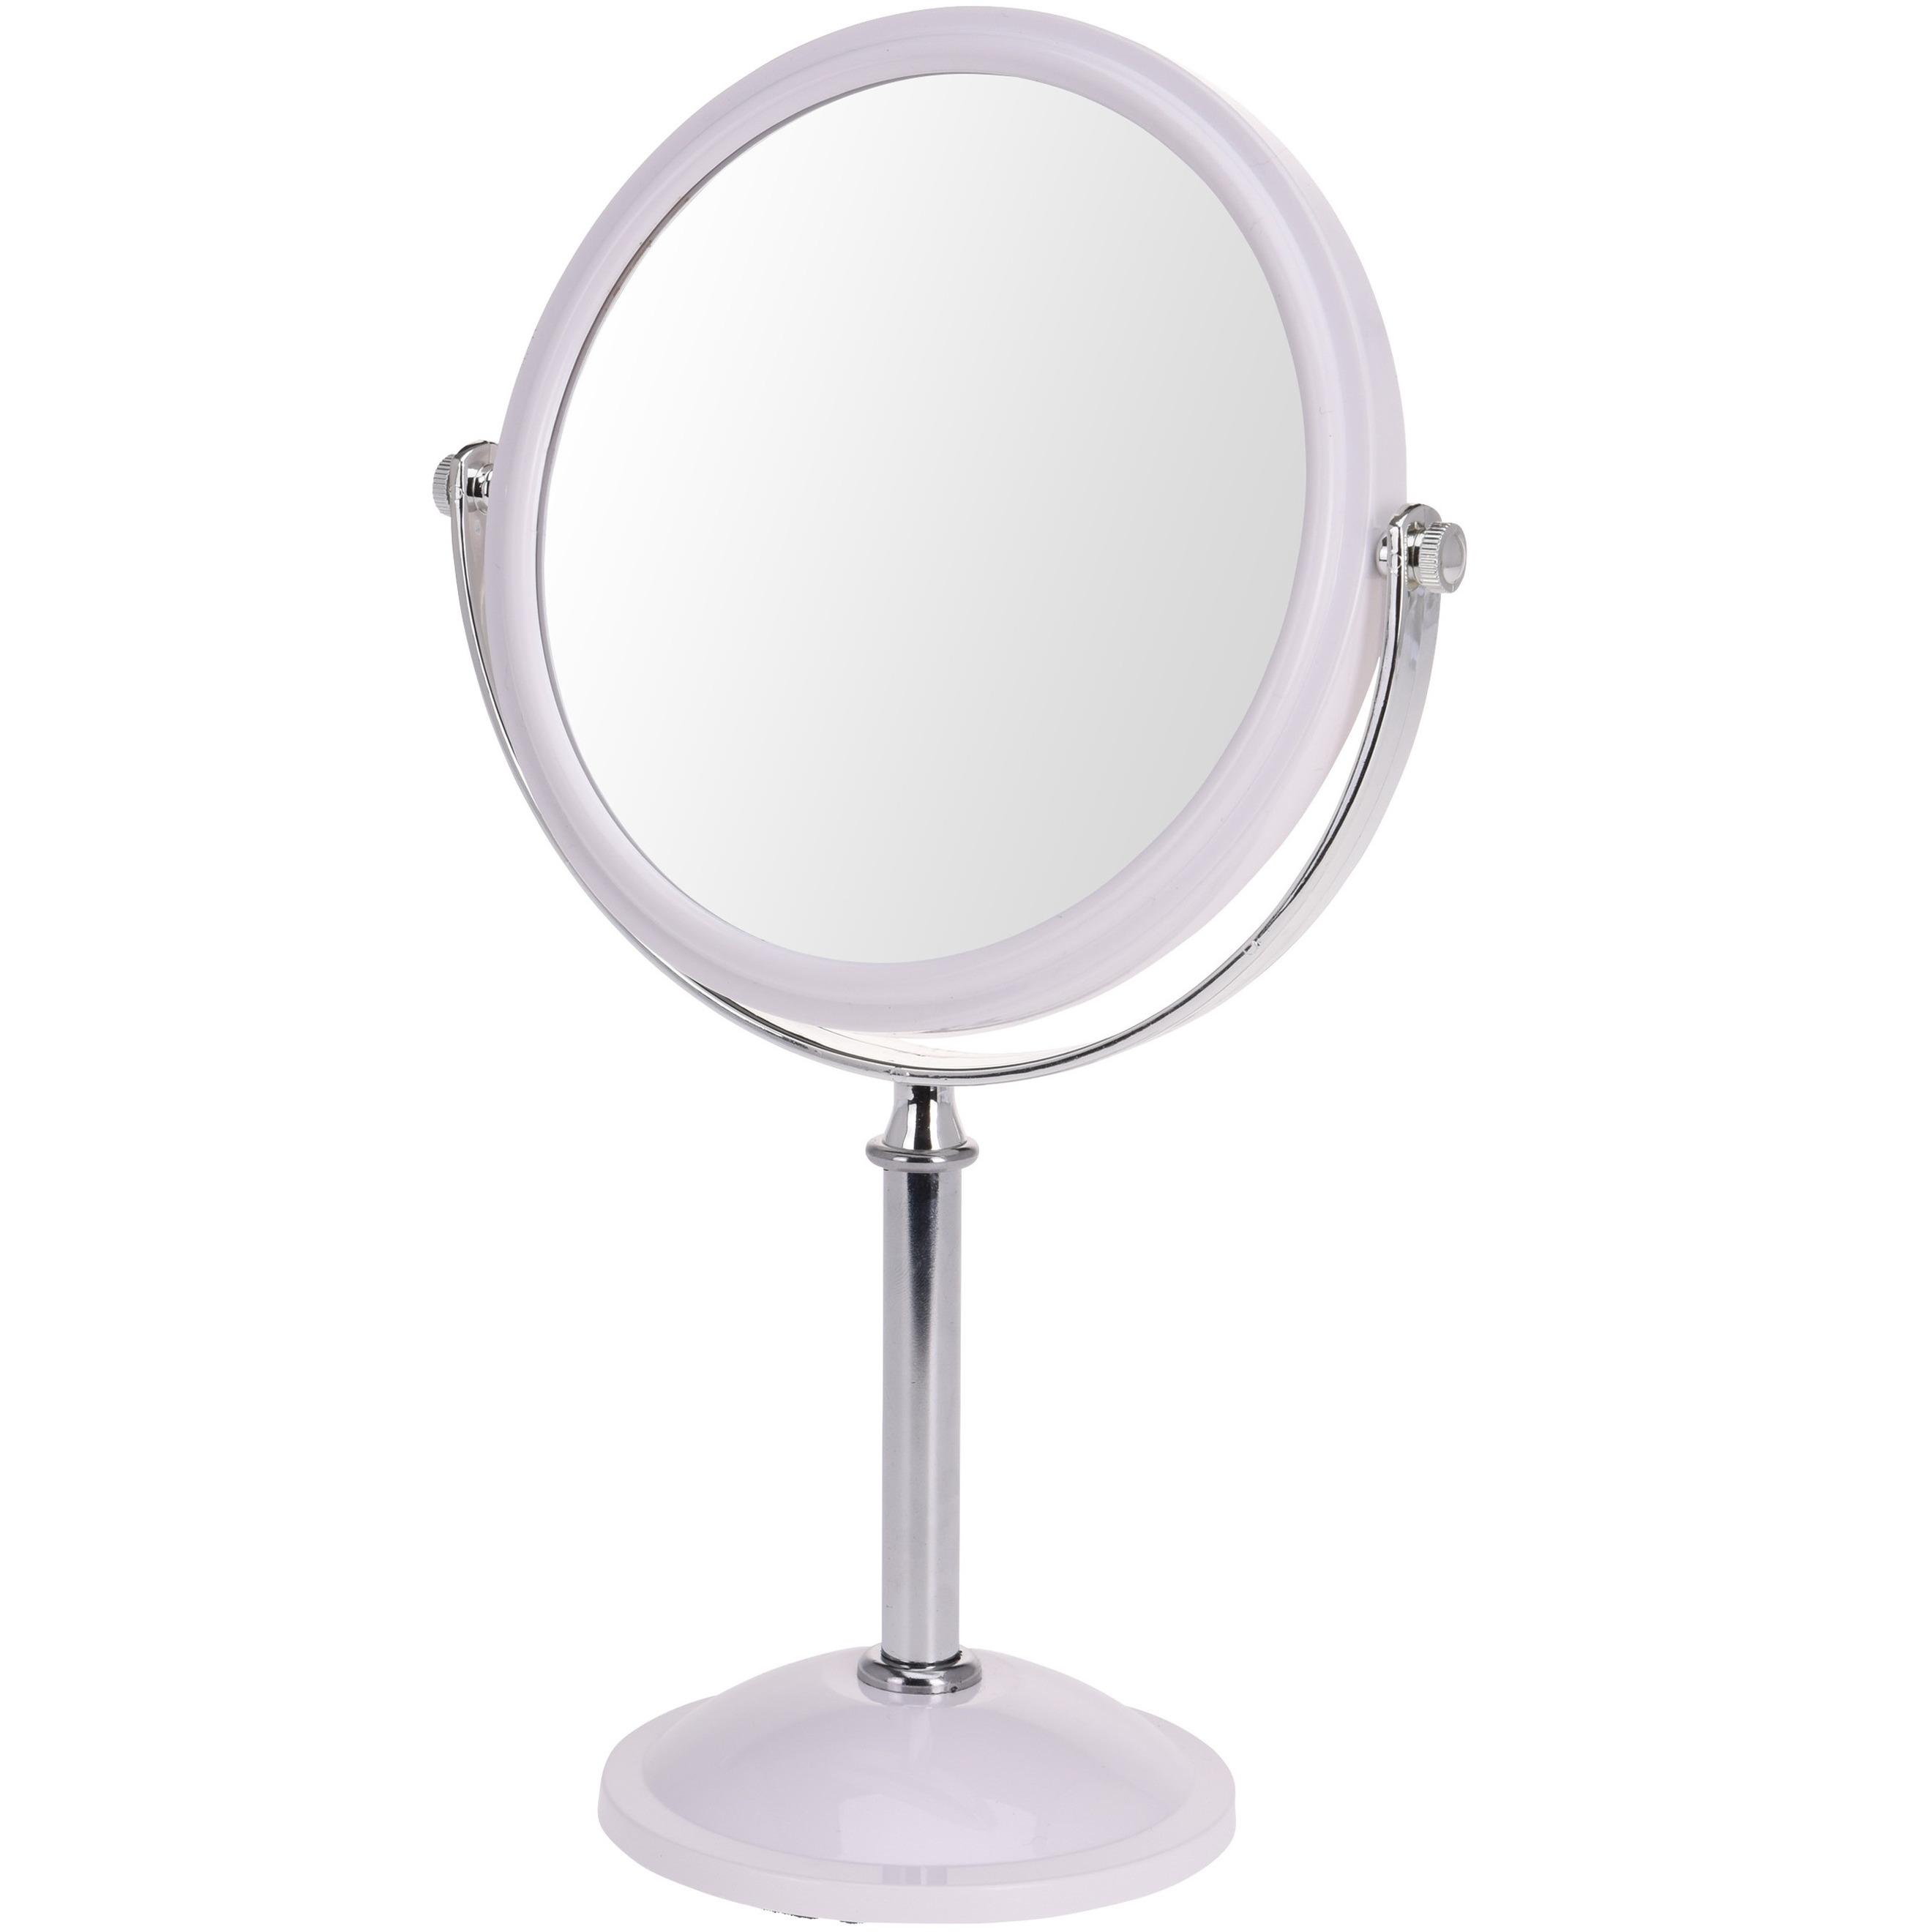 Witte make up spiegel rond dubbelzijdig 18 x 24 cm